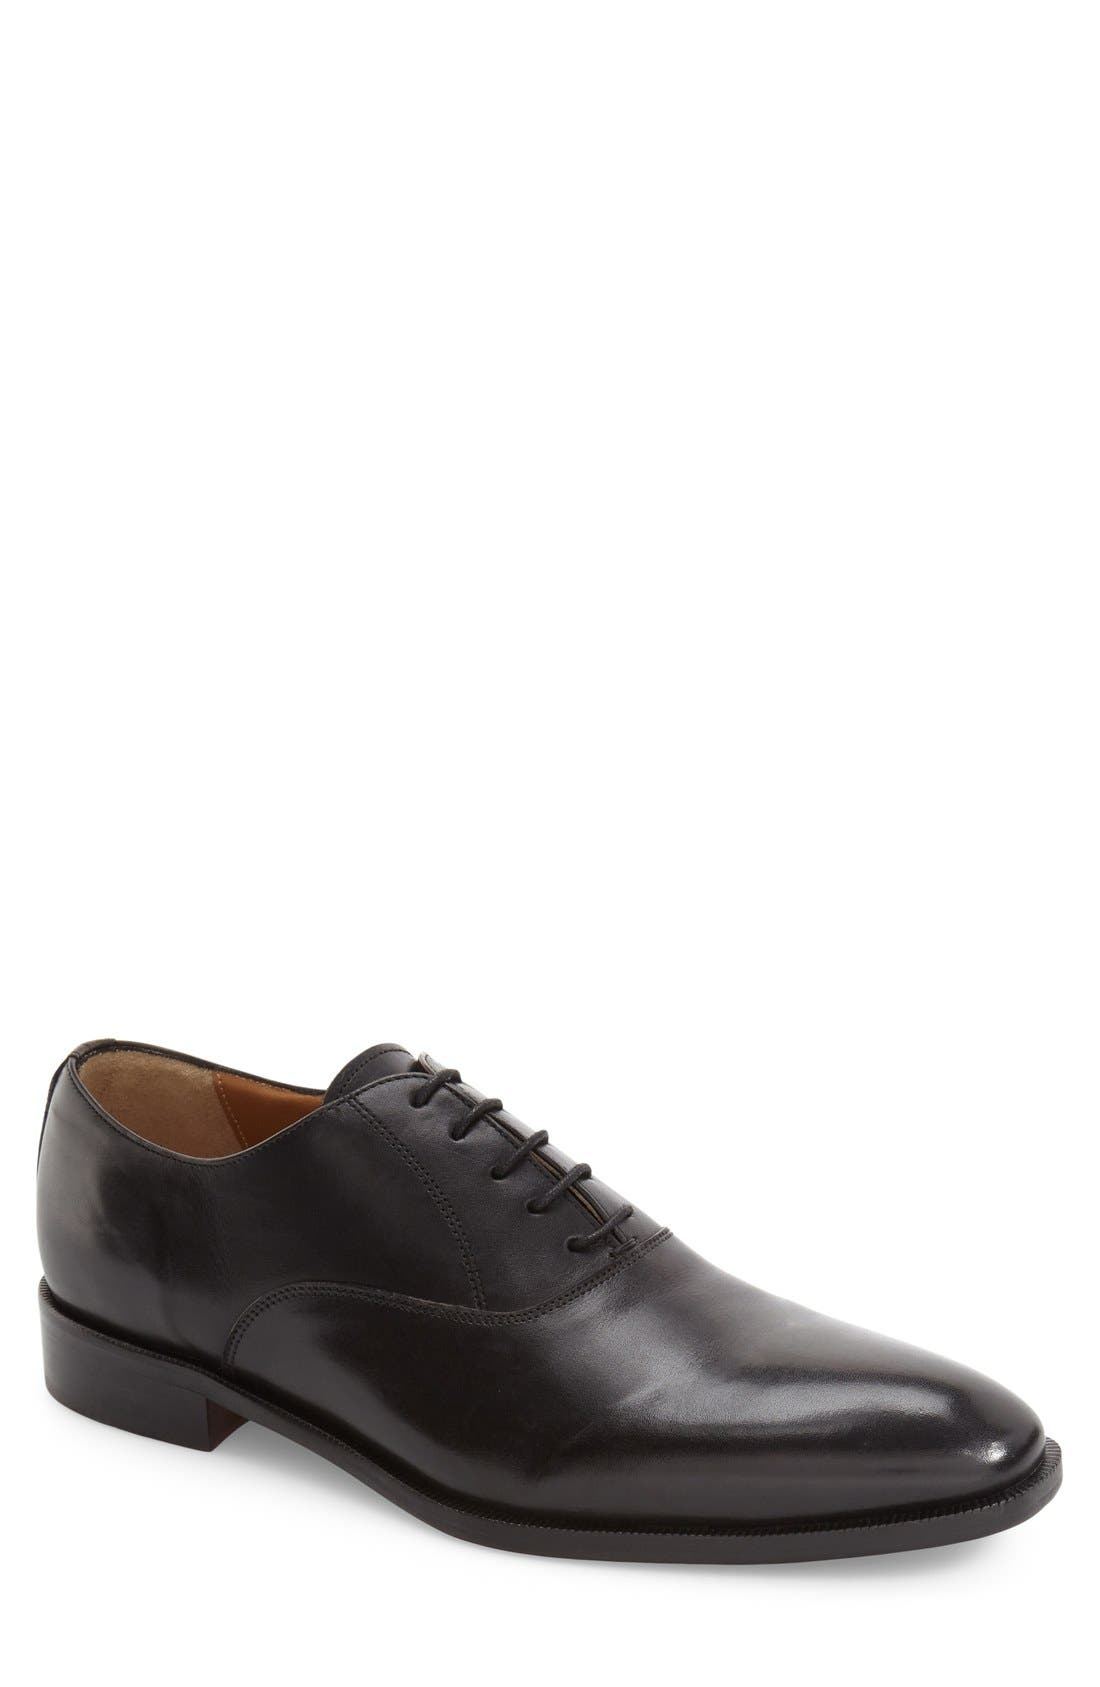 Top Coat Plain Toe Oxford,                             Alternate thumbnail 2, color,                             001